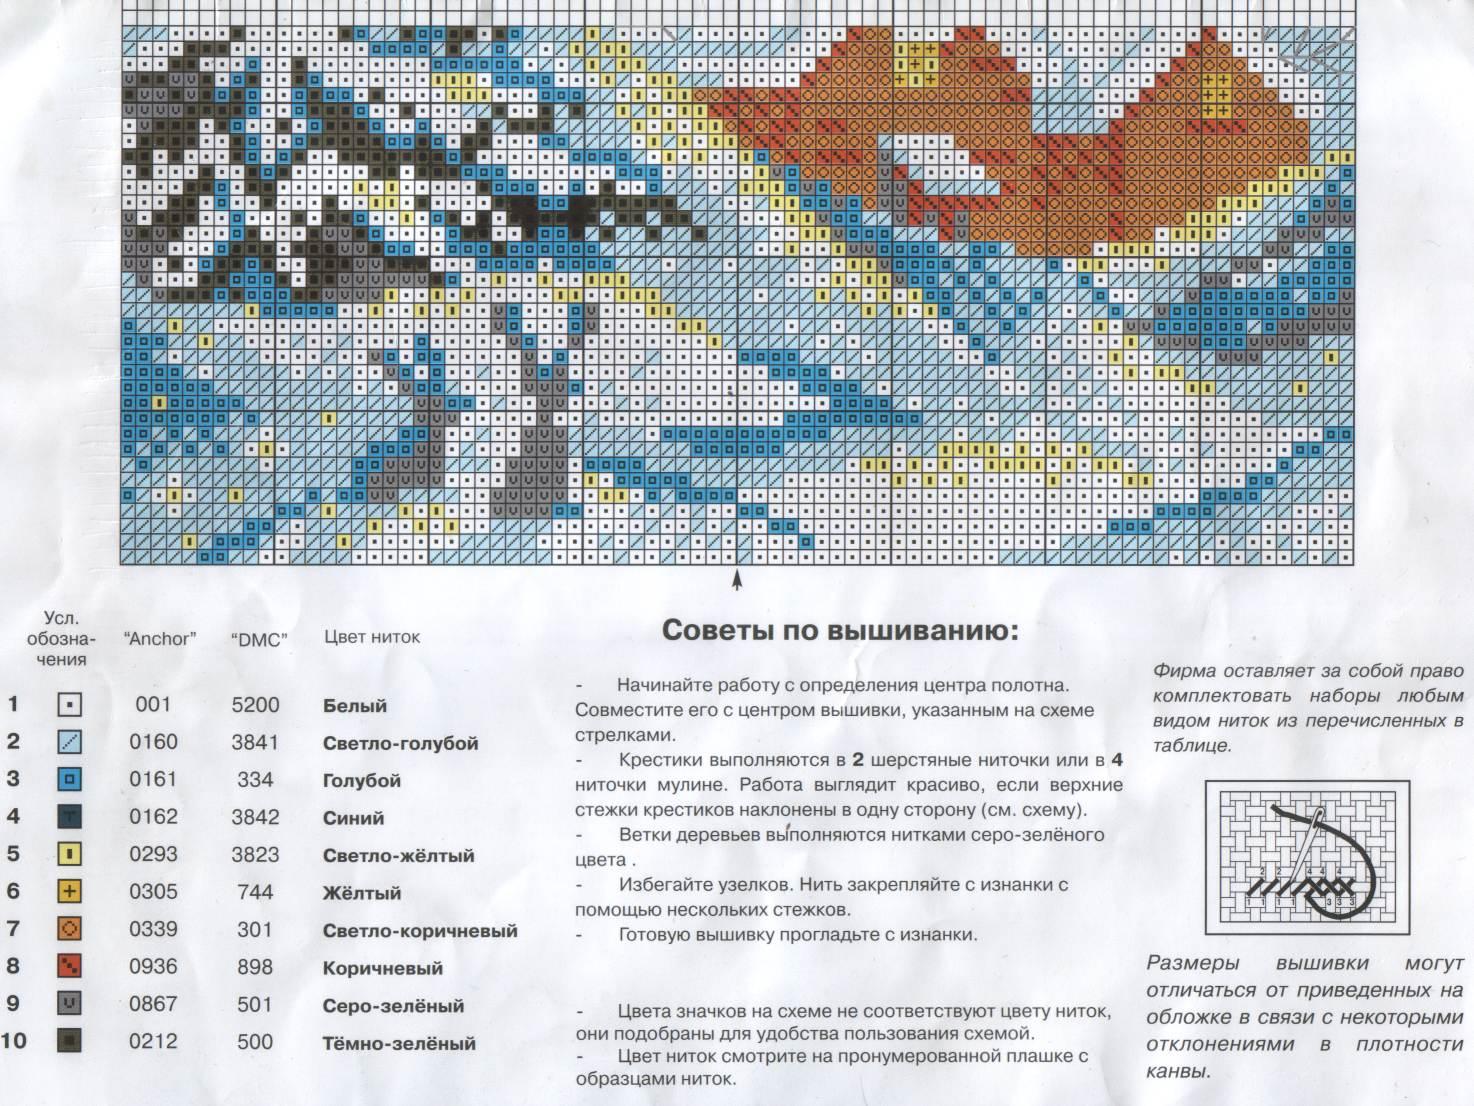 ИГОЛКИ. НЕТ: схемы для вышивки из картинок 54